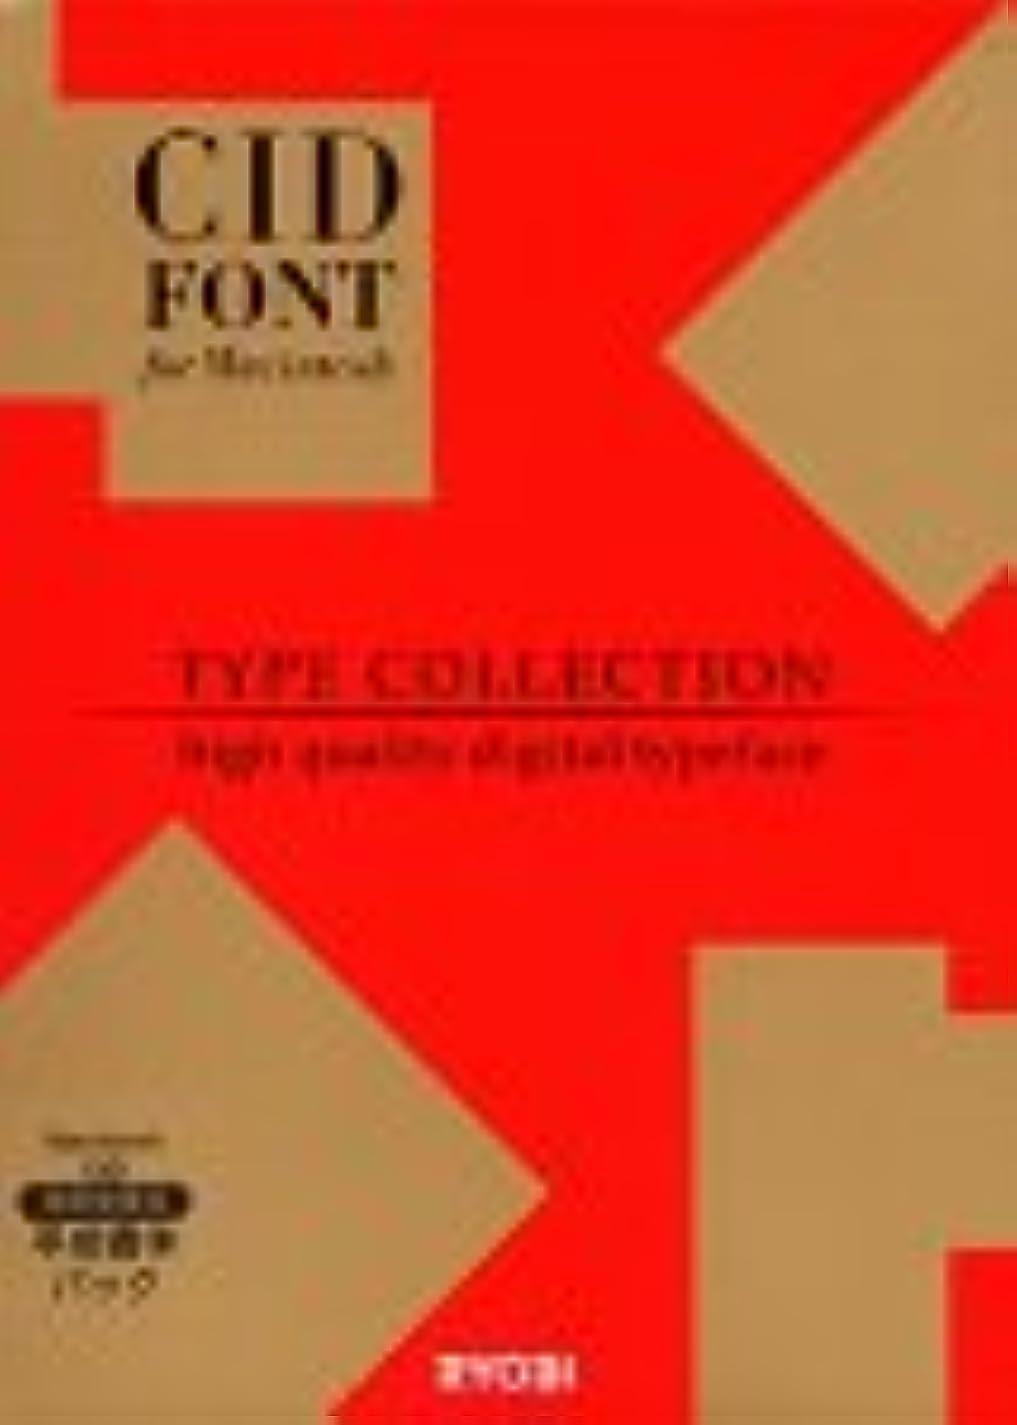 ディレイステーキシャツType Collection 平成書体パック-CID 高解像度版